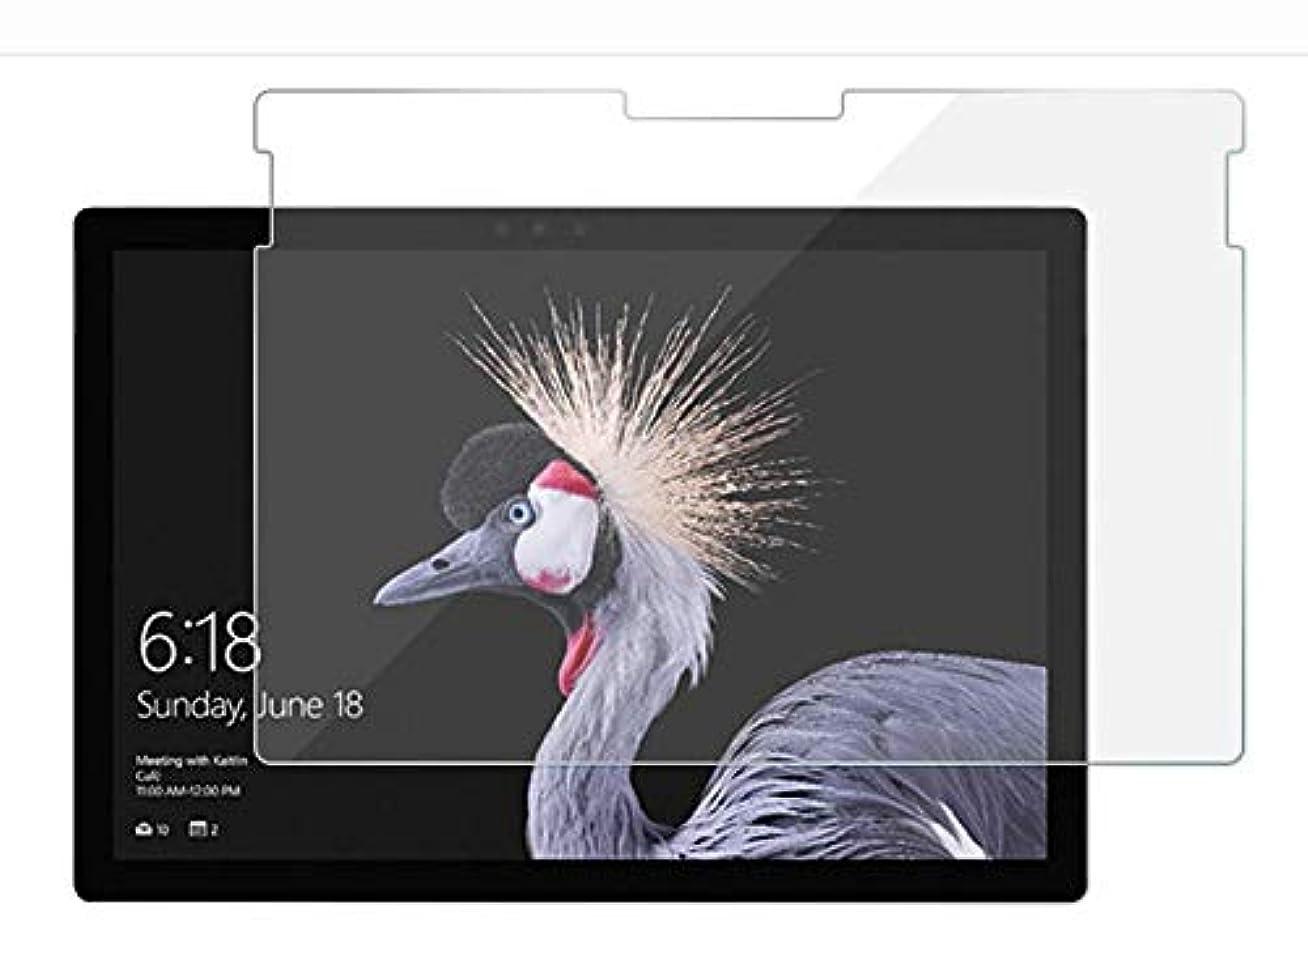 横たわるまだ水星【LIHOULAI】Microsoft Surface Pro 6 専用ガラスフィルム 液晶保護強化ガラスフィルム 硬度9H 高透過率 自己吸着 保護シート